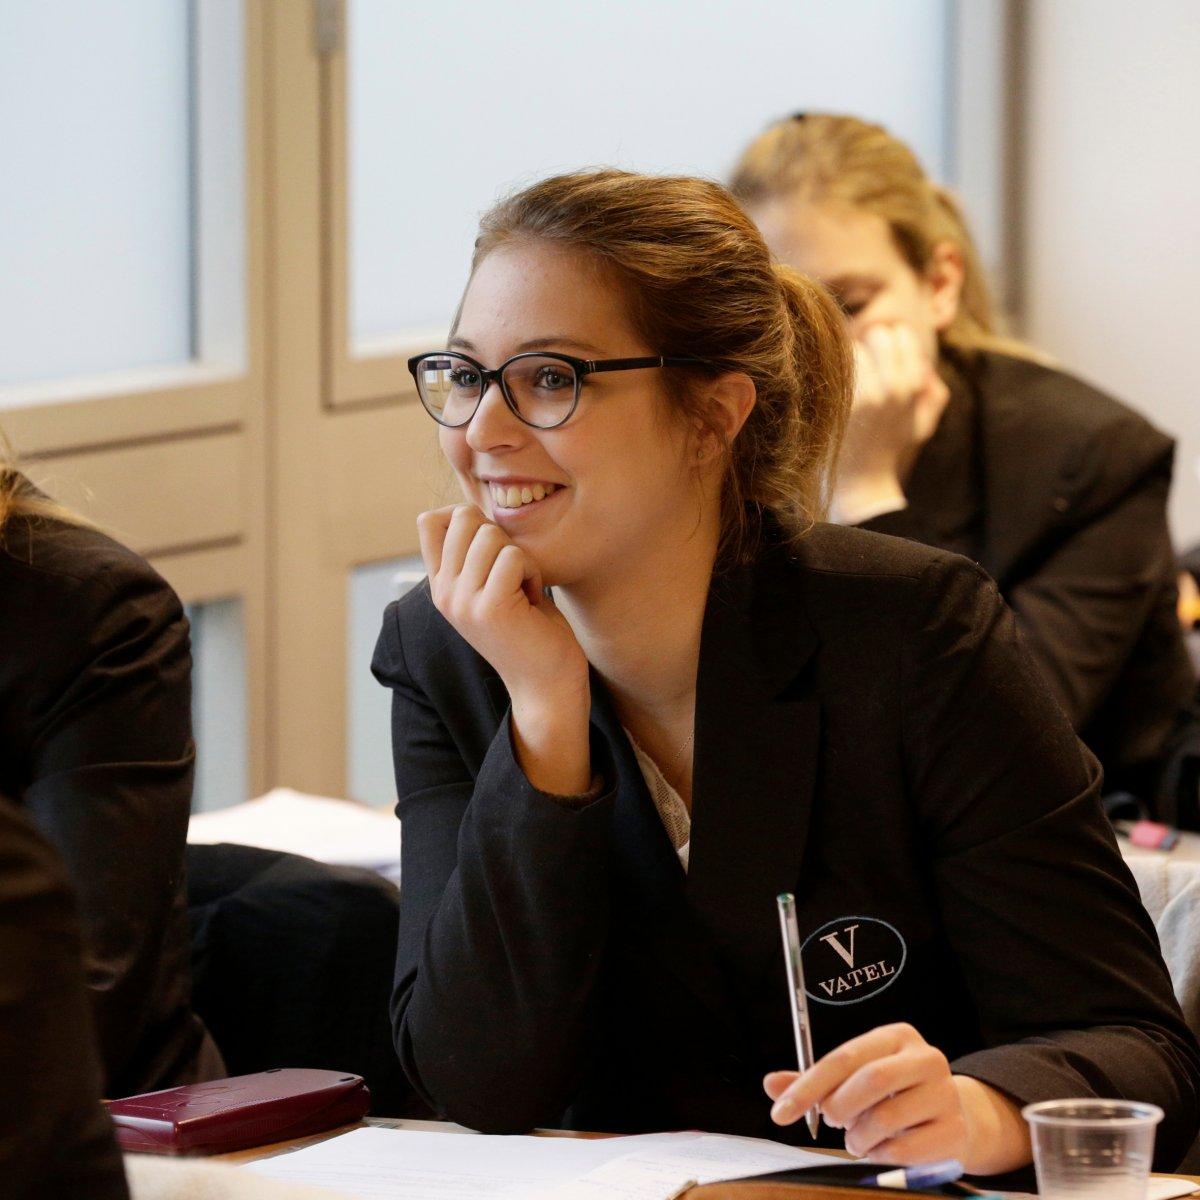 Vatel Paris - Campus - 3